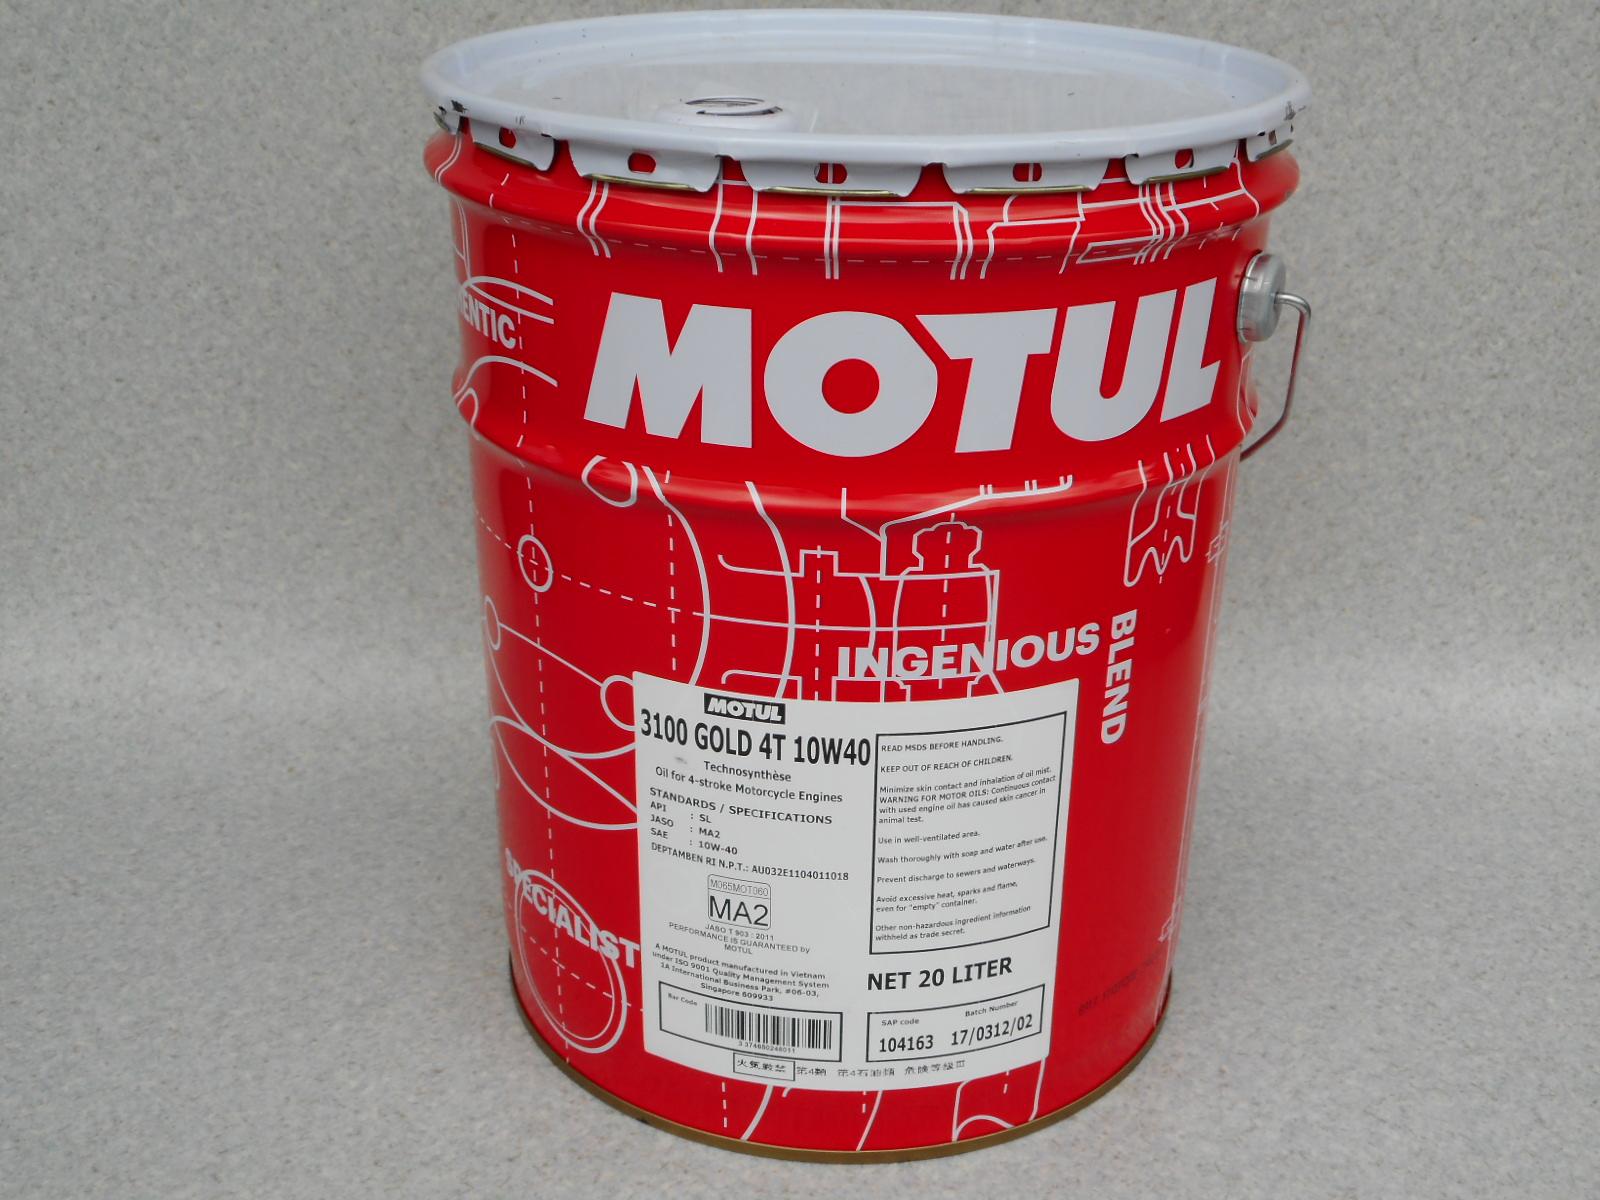 [国内正規品] MOTUL 3100 GOLD 4T【10W-40 20L×1缶】 モチュール バイク 2輪 化学合成 4サイクル 4ストローク オイル エンジンオイル 10w40 モチュールオイル 20L ペール 業務用